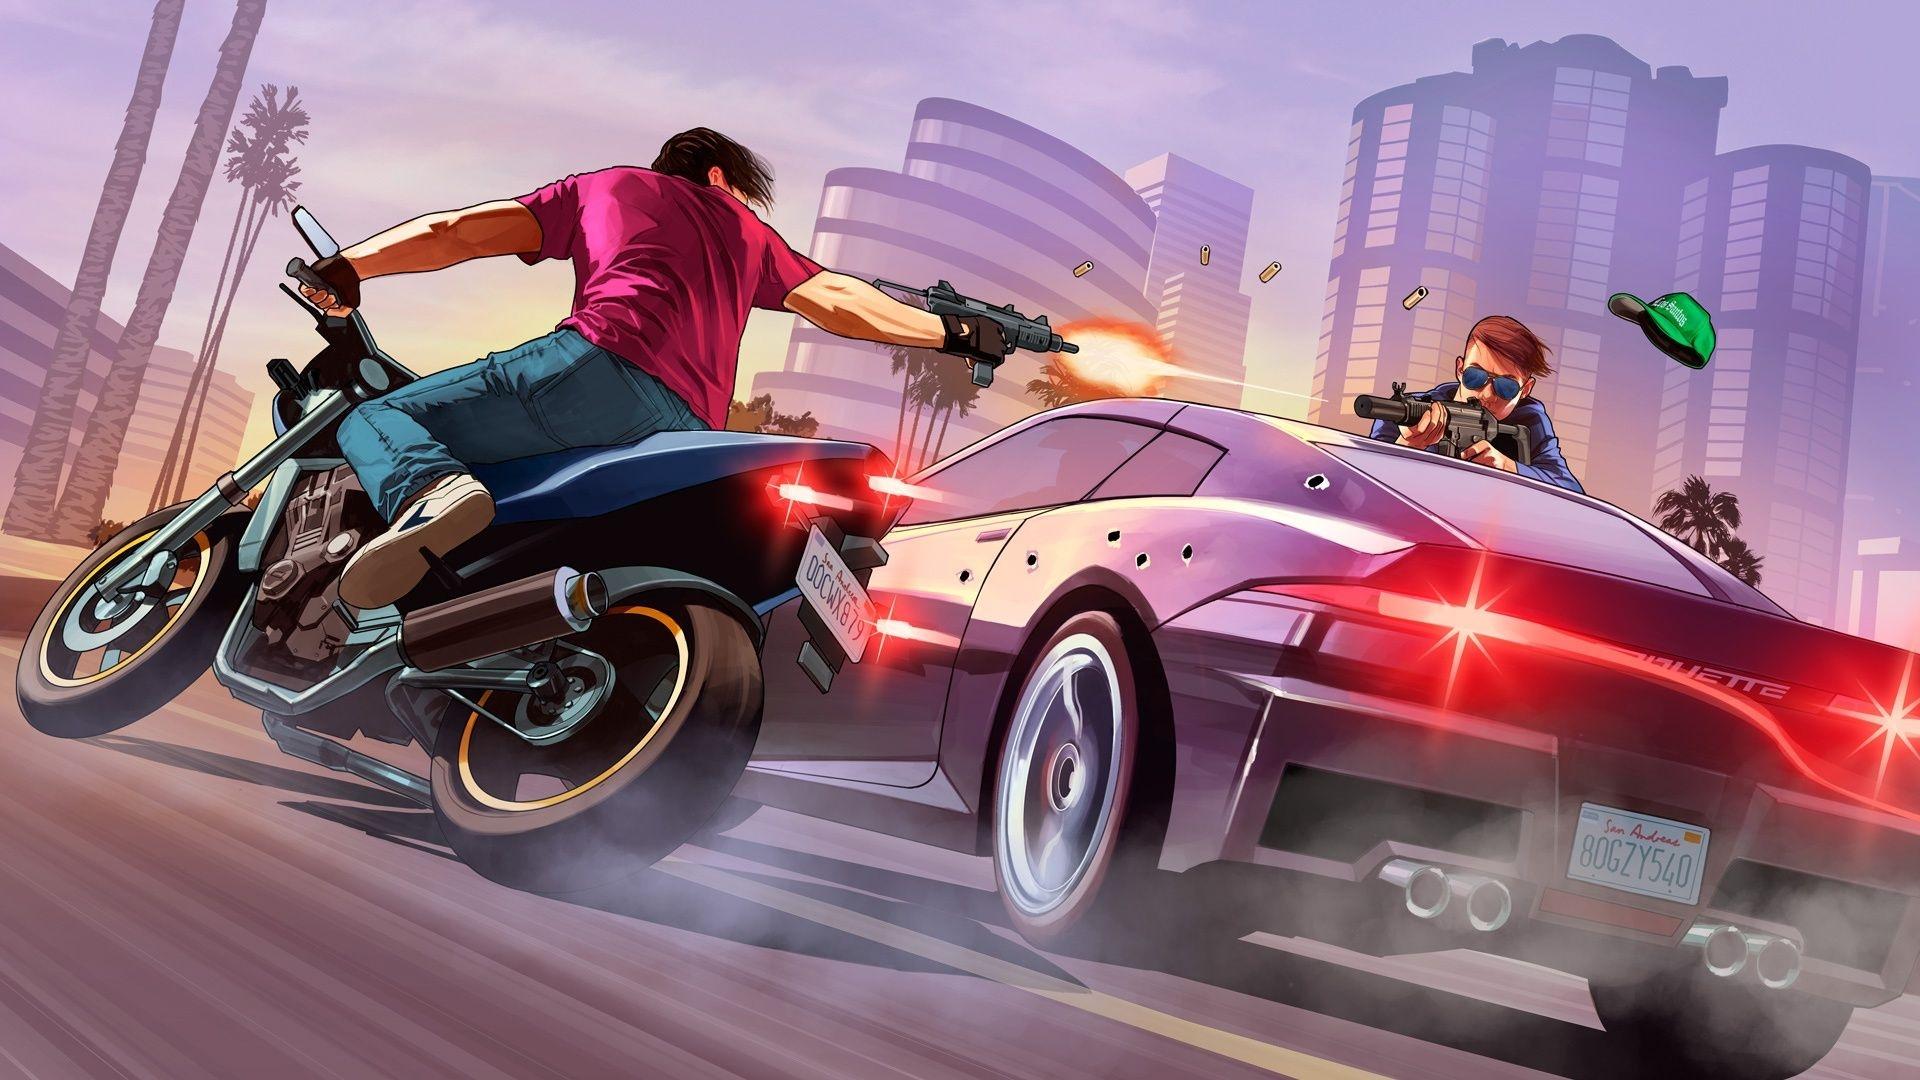 Эксперт «Газеты.ру»: Grand Theft Auto VI выйдет осенью 2021 года. Но это вряд ли